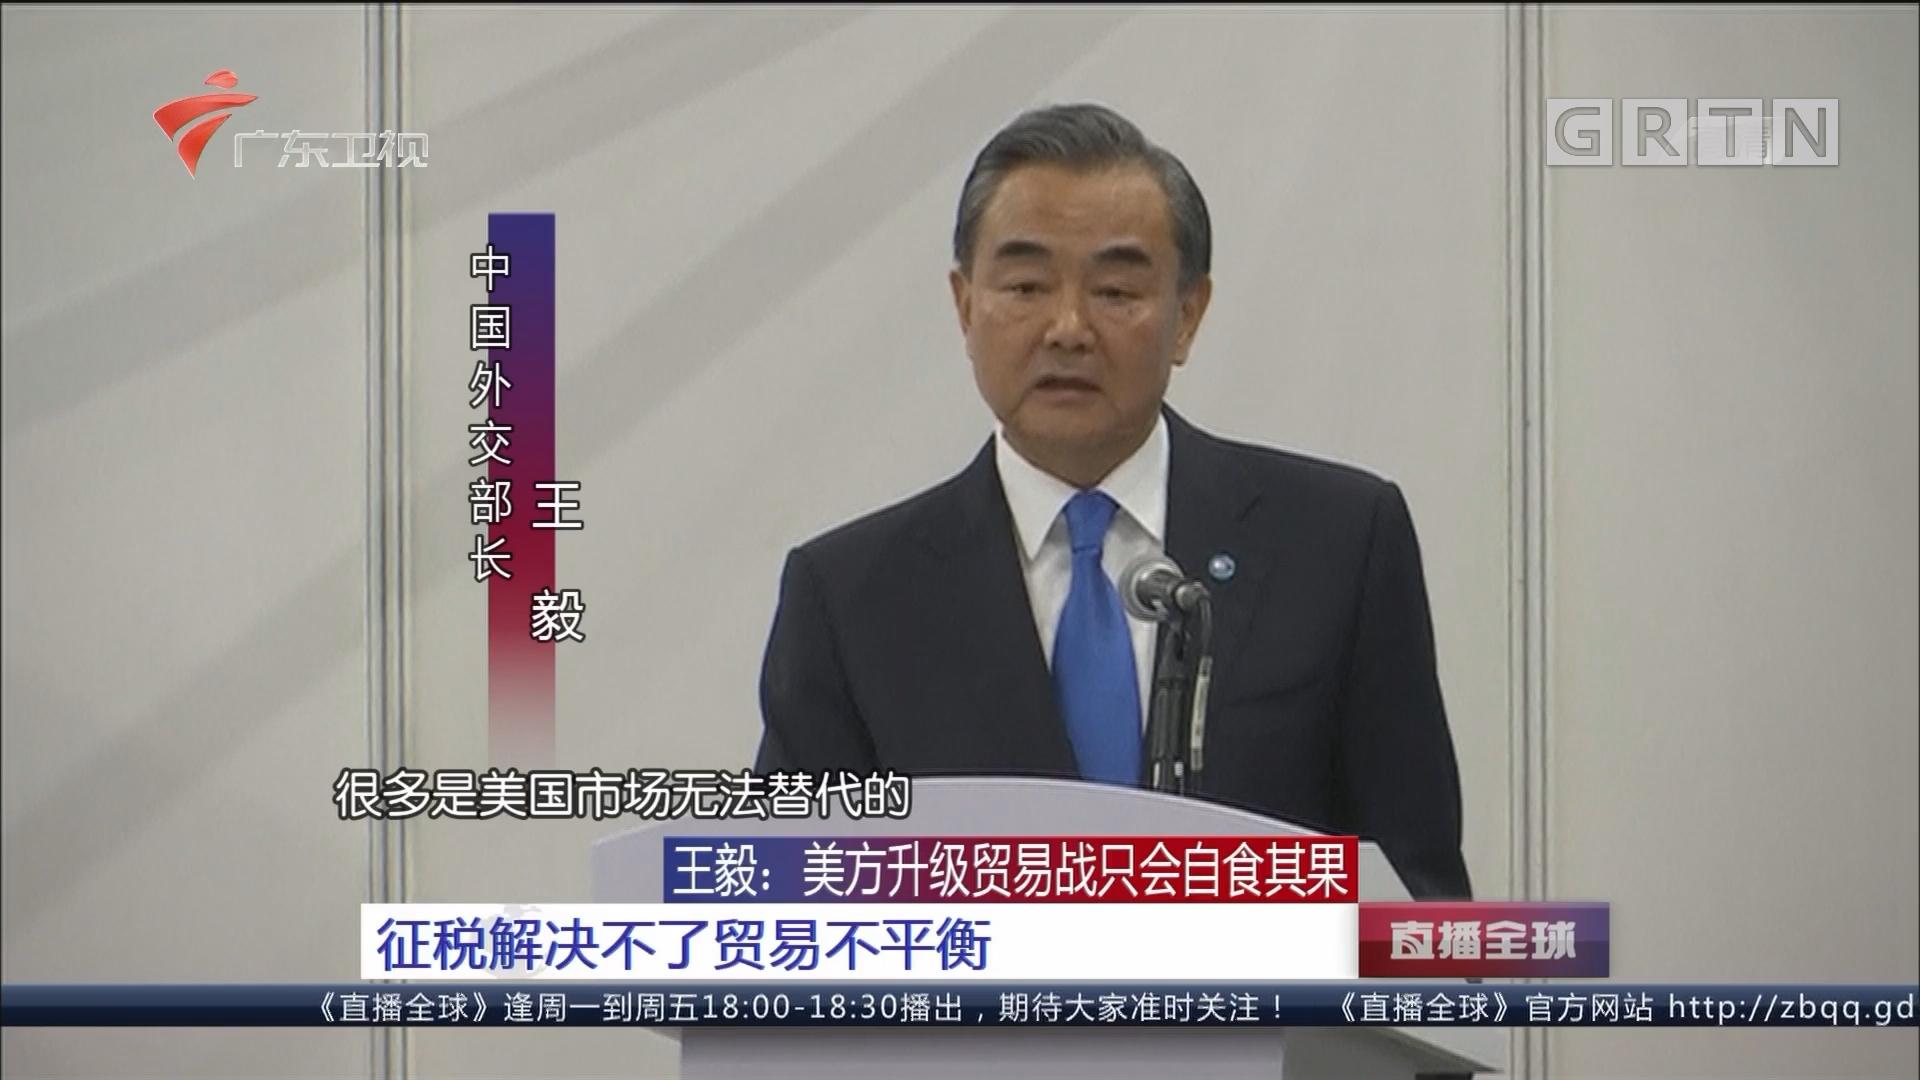 王毅:美方升级贸易战只会自食其果 征税解决不了贸易不平衡